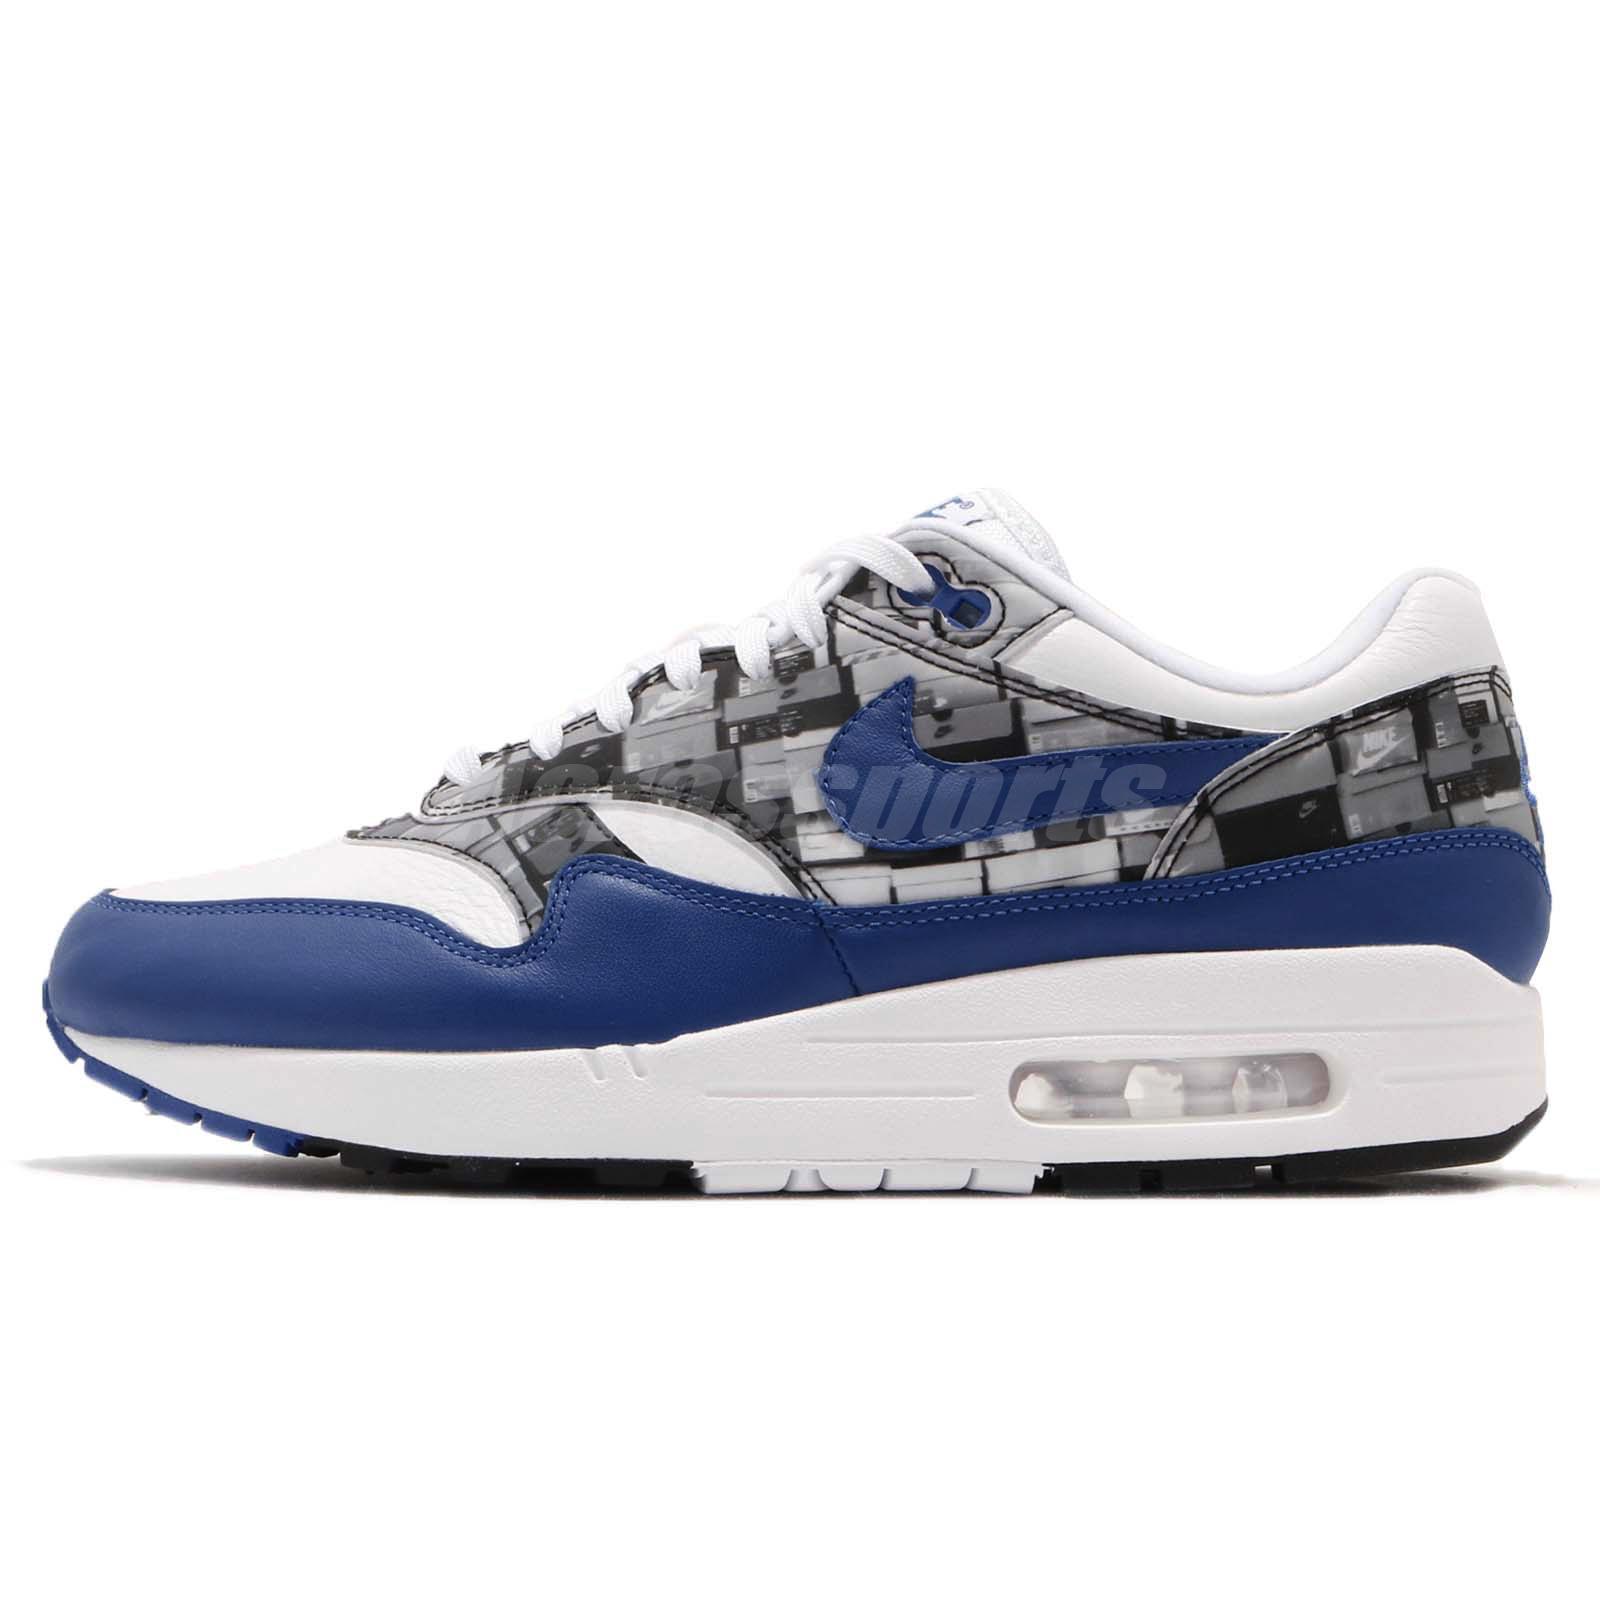 size 40 3a370 24ae6 Atmos X Nike Air Max 1 Print We Love Nike White Blue Royal Mens Shoes  AQ0927-100